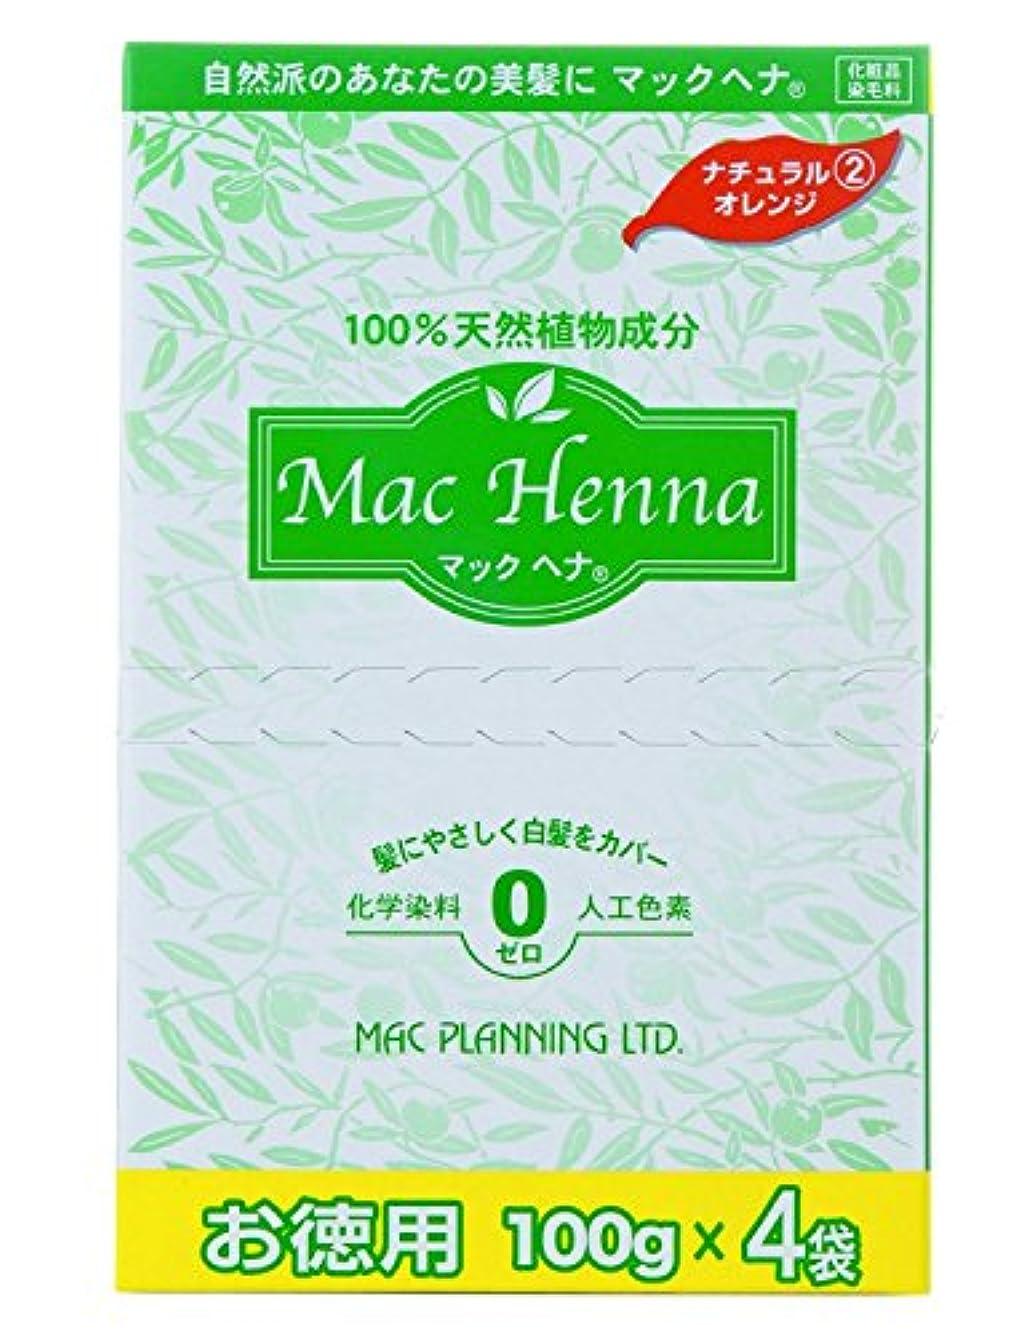 マックヘナ お徳用(ナチュラルオレンジ)-2 400g(100g×4袋)